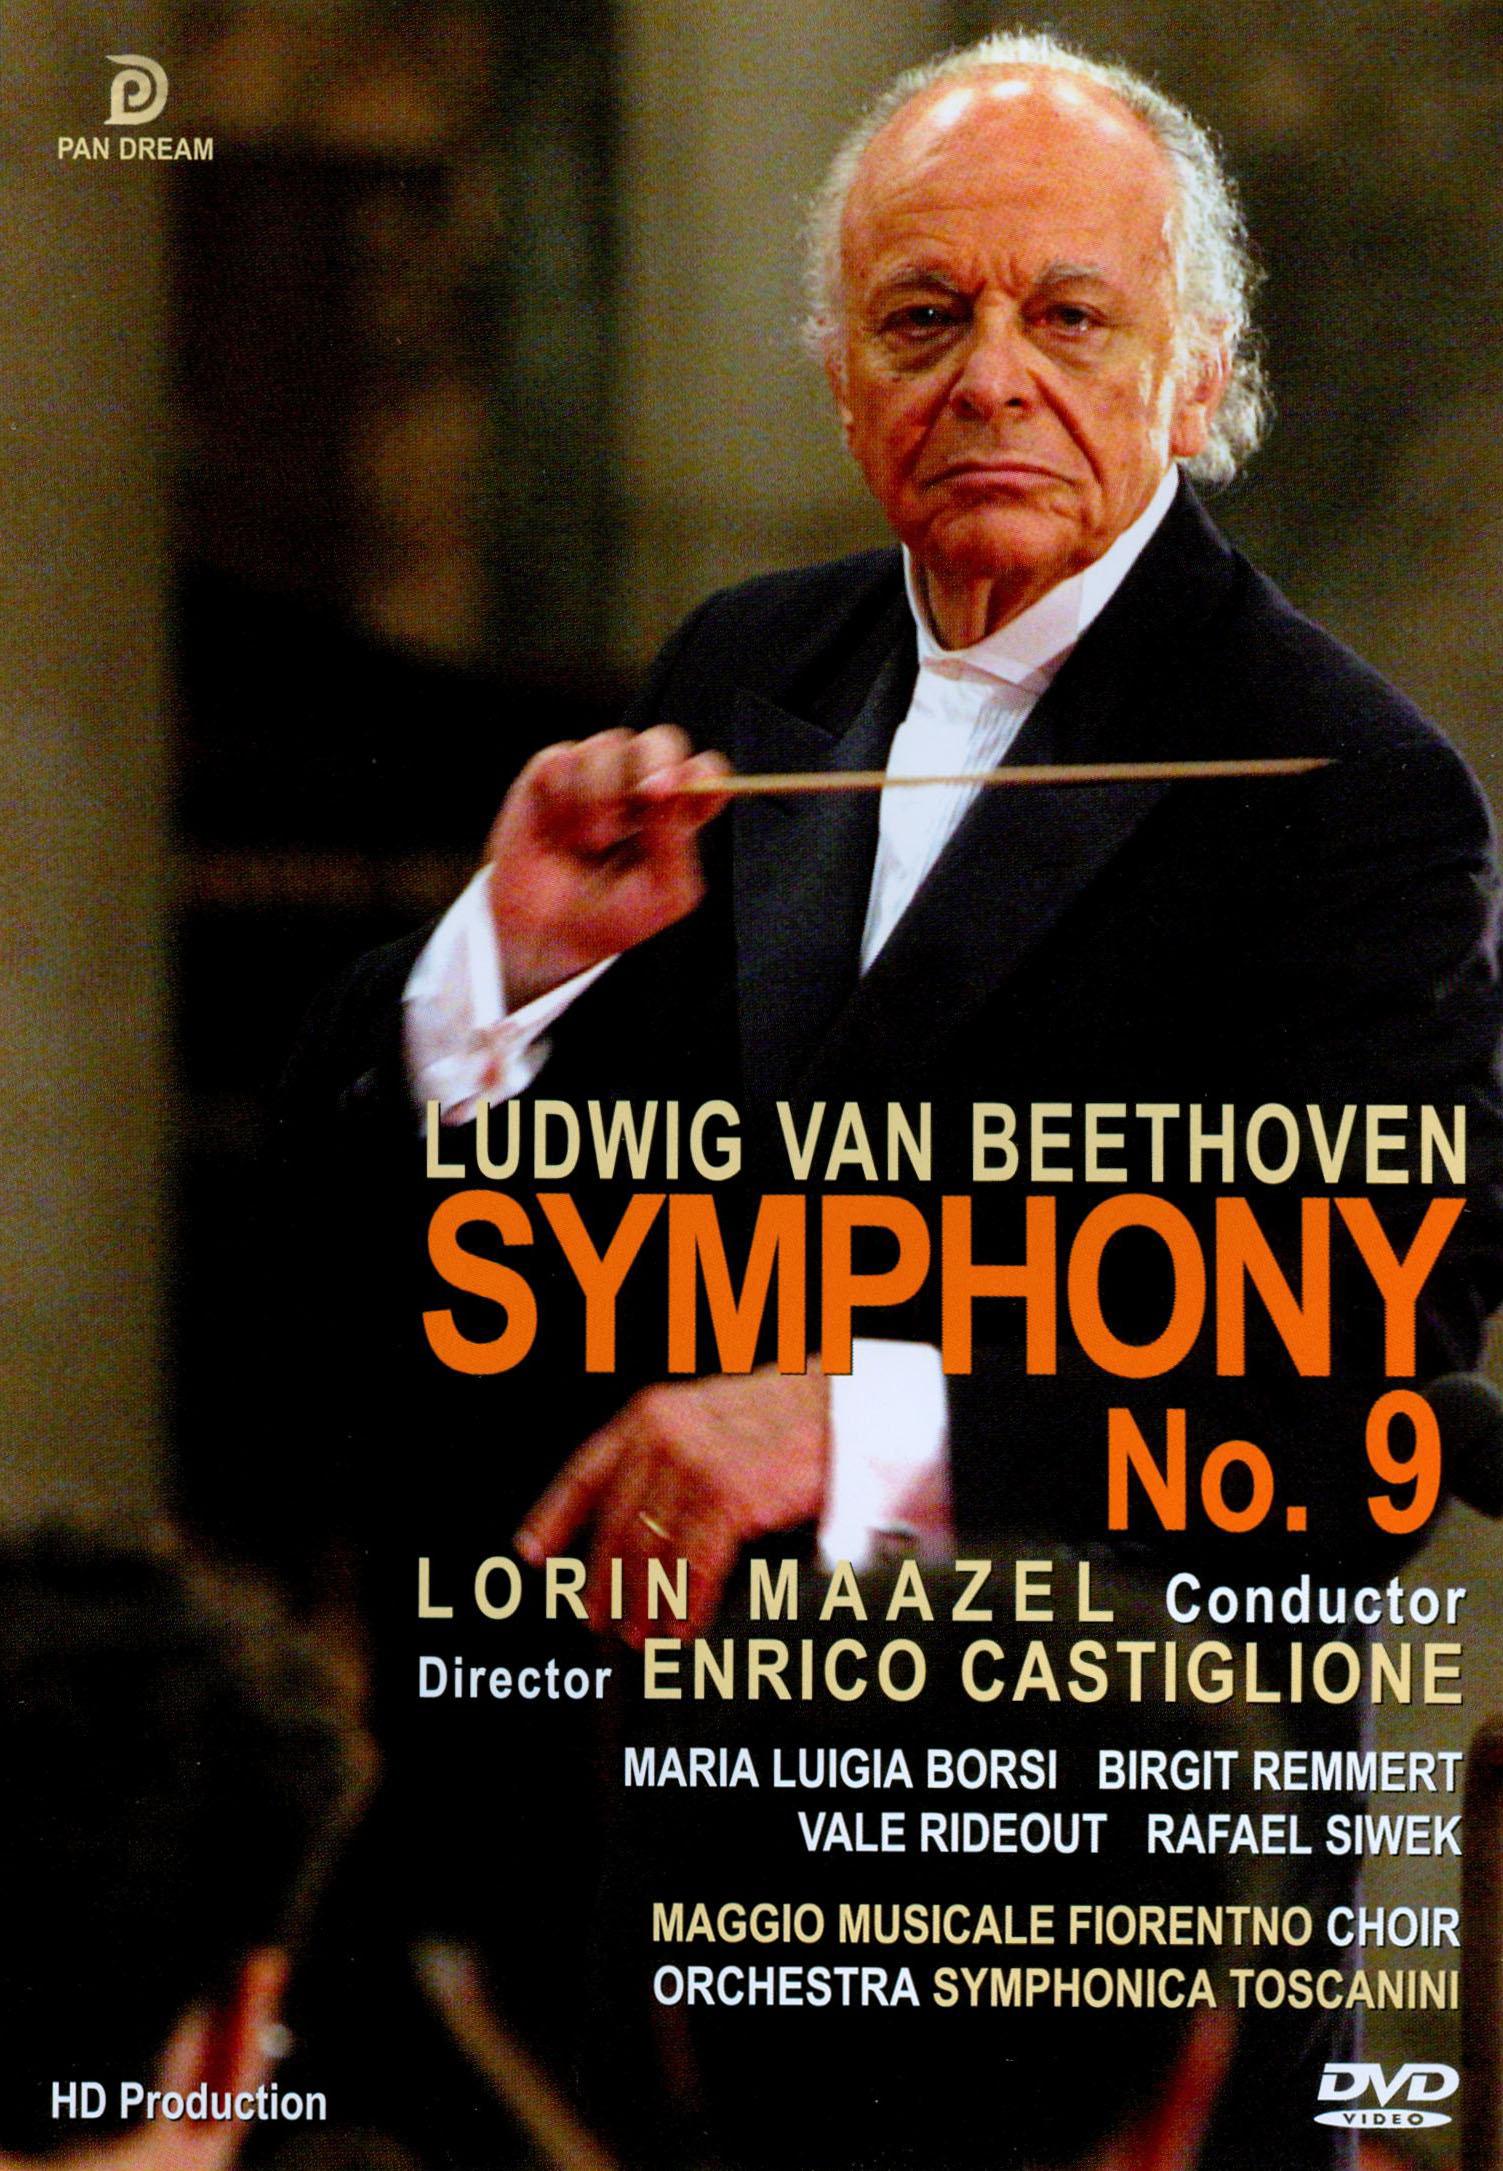 Lorin Maazel: Beethoven - Symphony No. 9 Choral at Vatican City